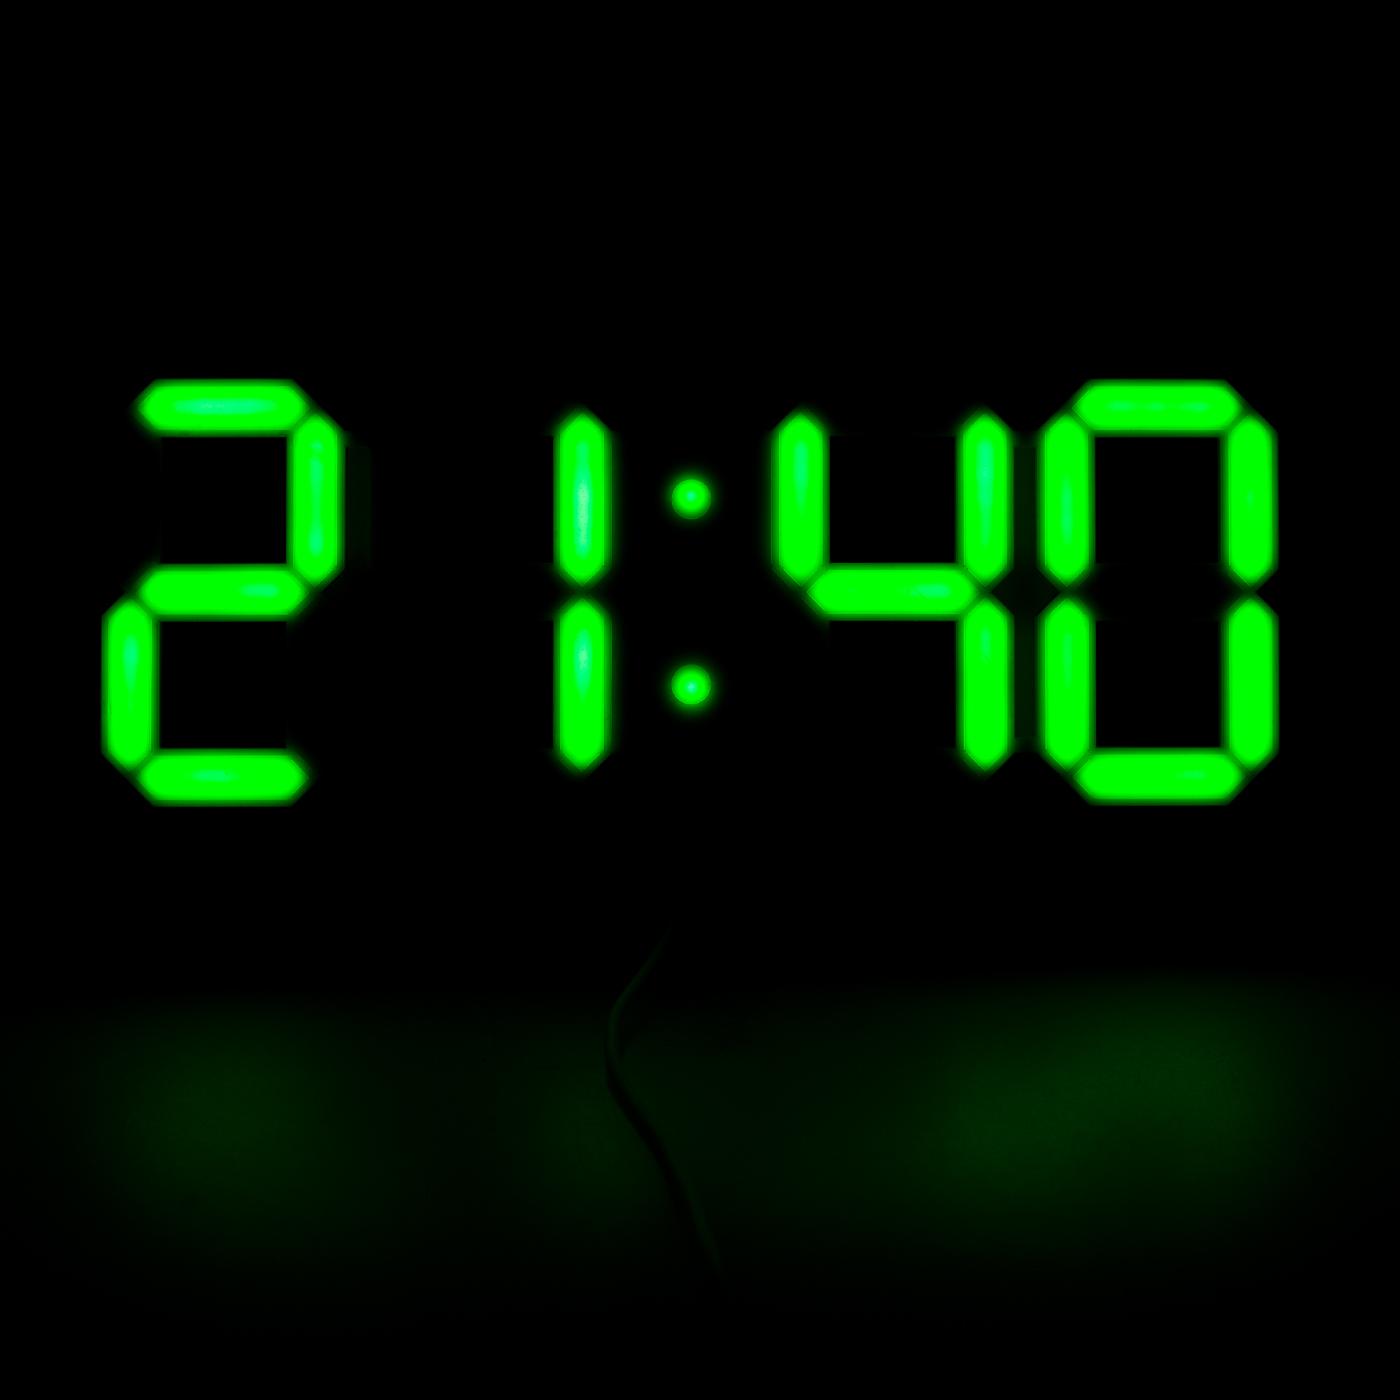 Digitale LED Wanduhr Uhr Leuchtuhr in 4 Farben Büro Wartezimmer Digital aus DE  eBay